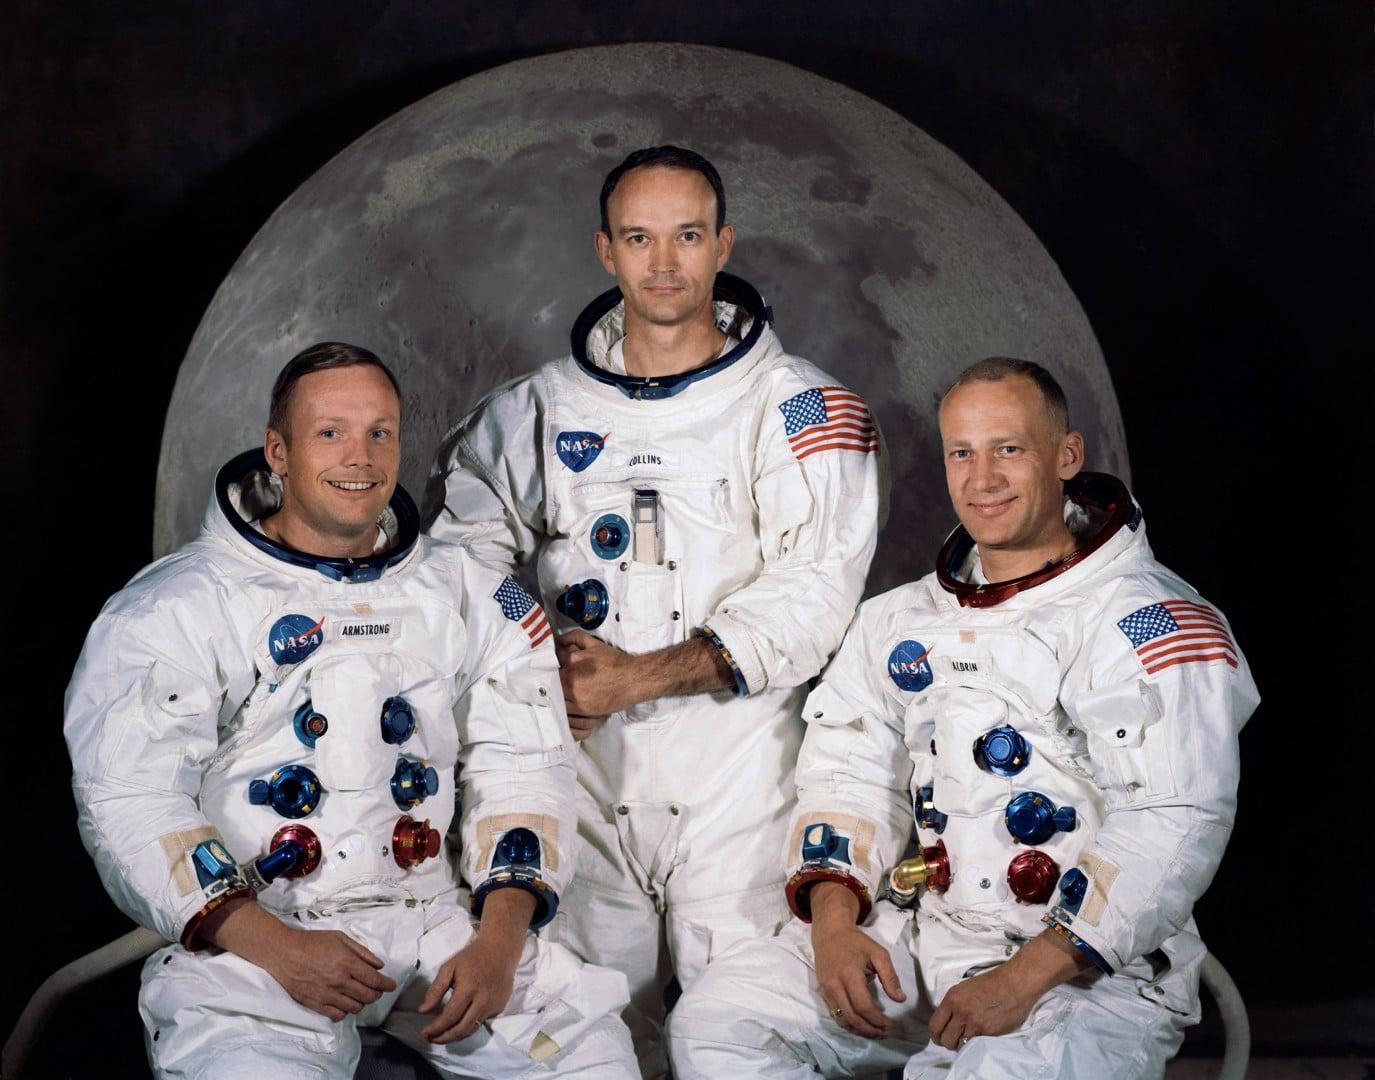 Posada misije Apollo 11: Armstrong, Collins, Aldrin